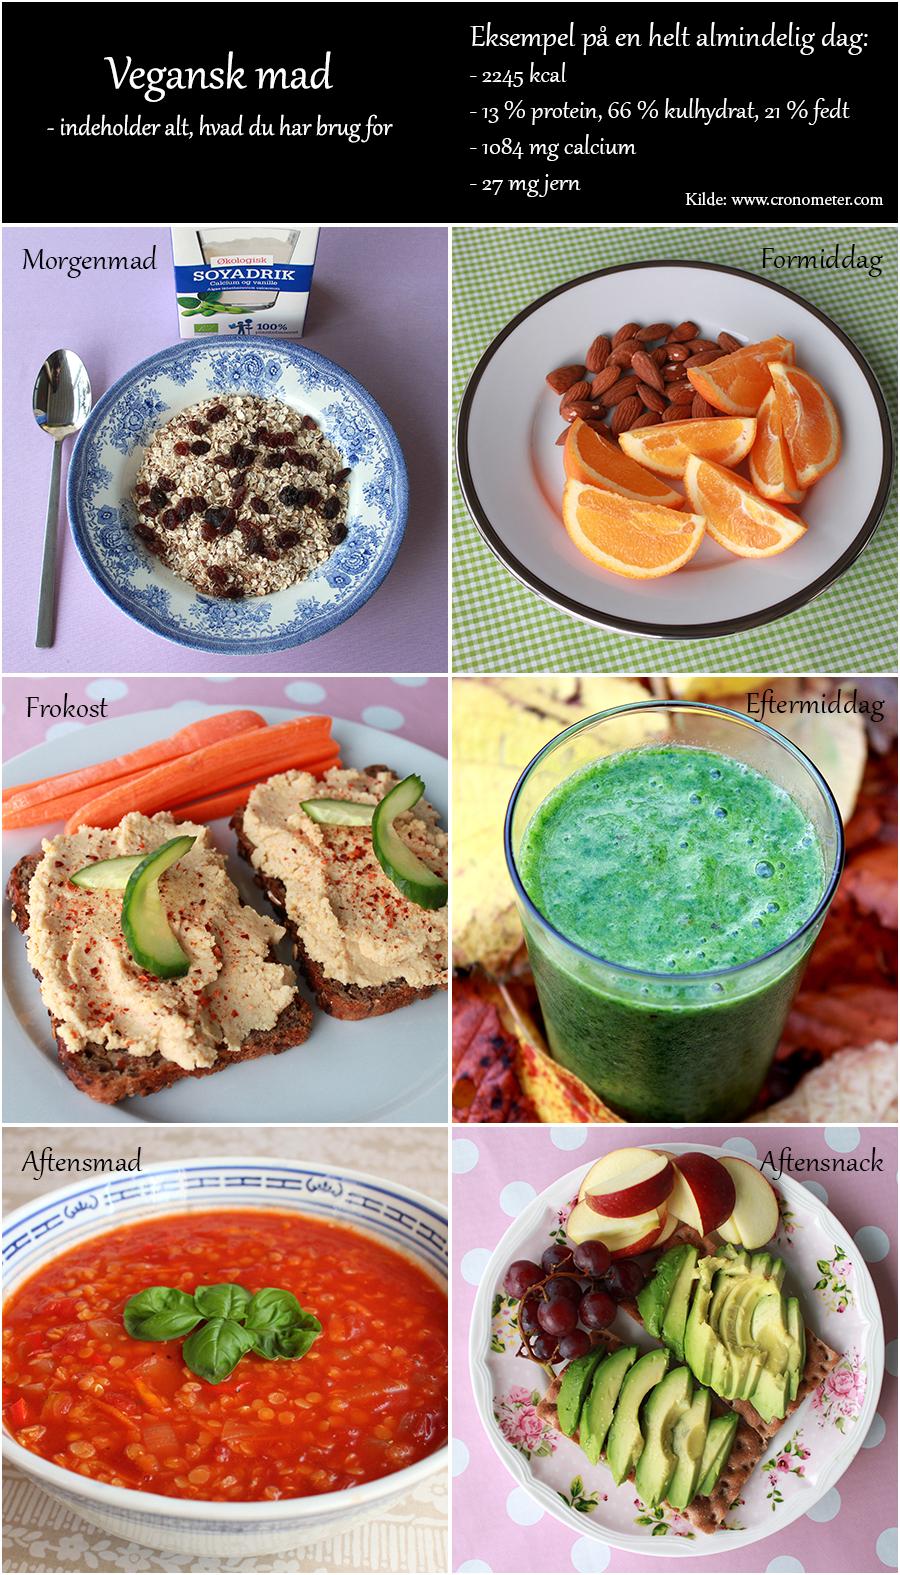 hvor meget må man spise om dagen